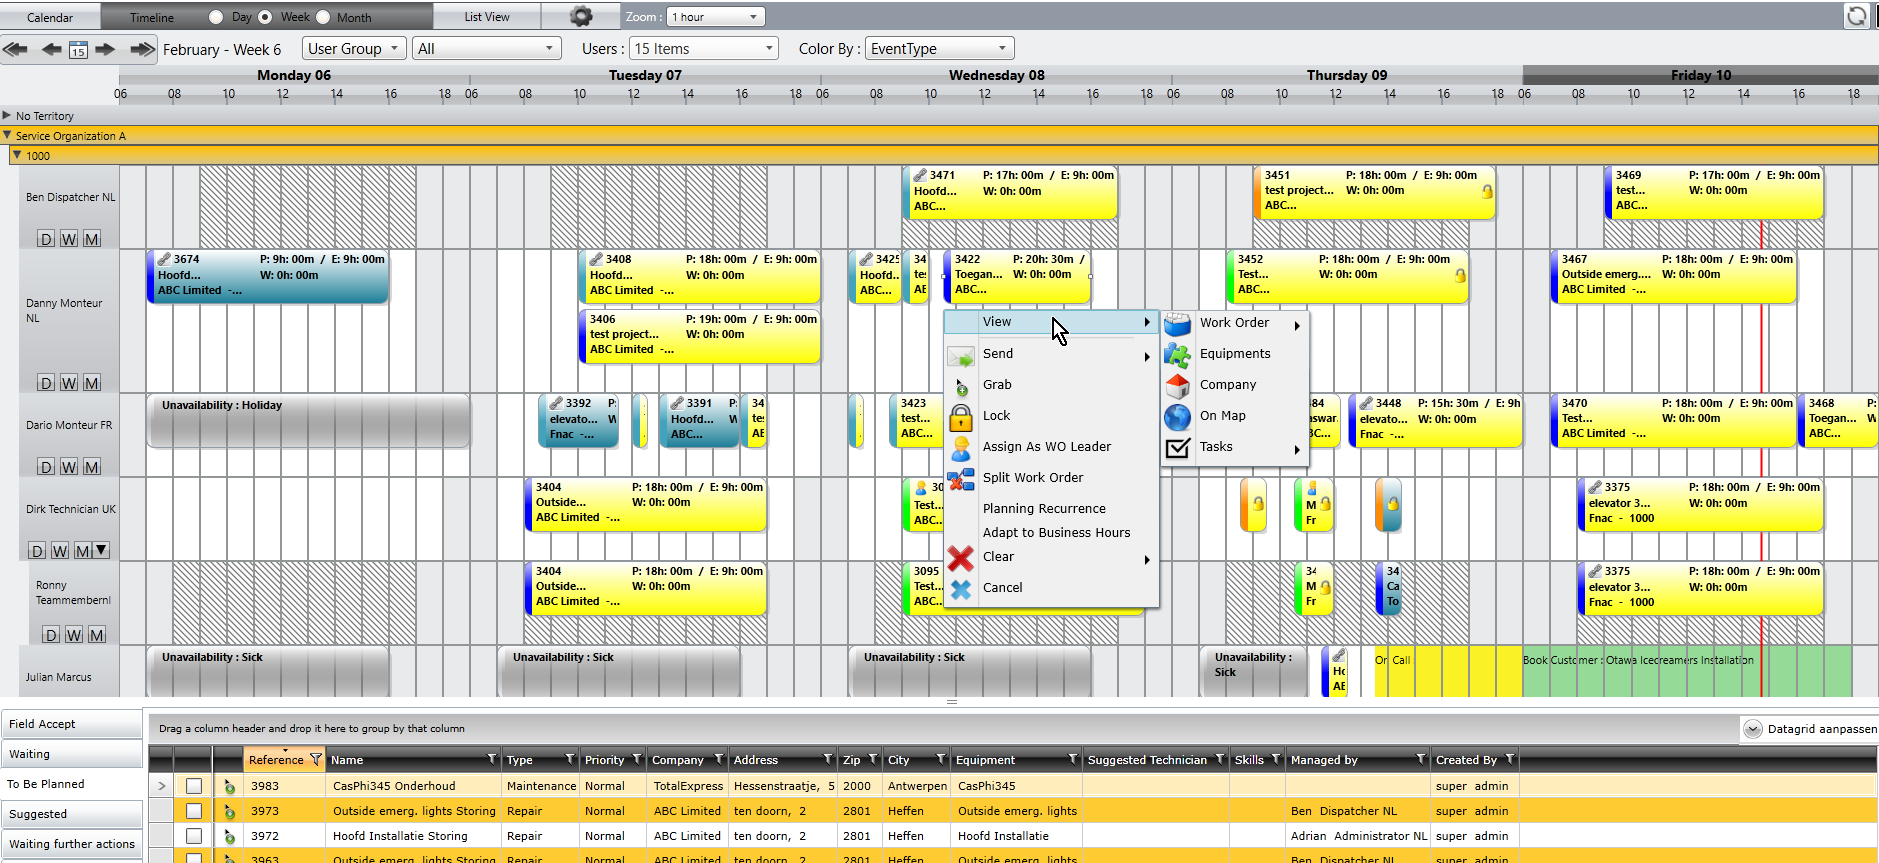 Odyssee Field Service schedule